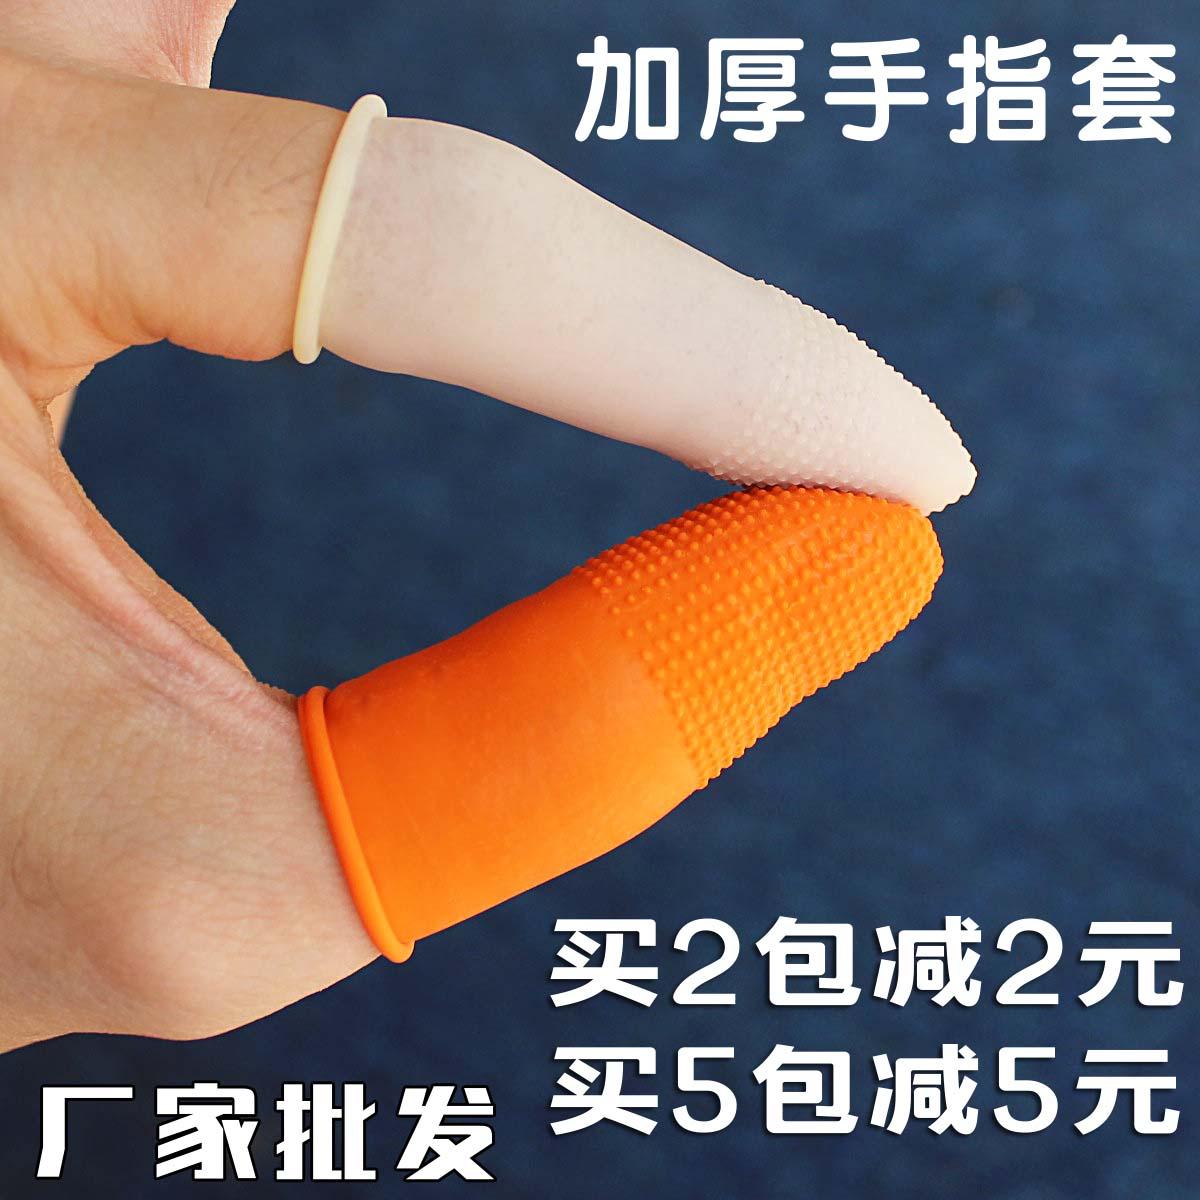 Оранжевый один -время коррозия клей резина противоскользящее руки палец труд страхование промышленность пригодный для носки сгущаться эмульсия защищать палец головной убор